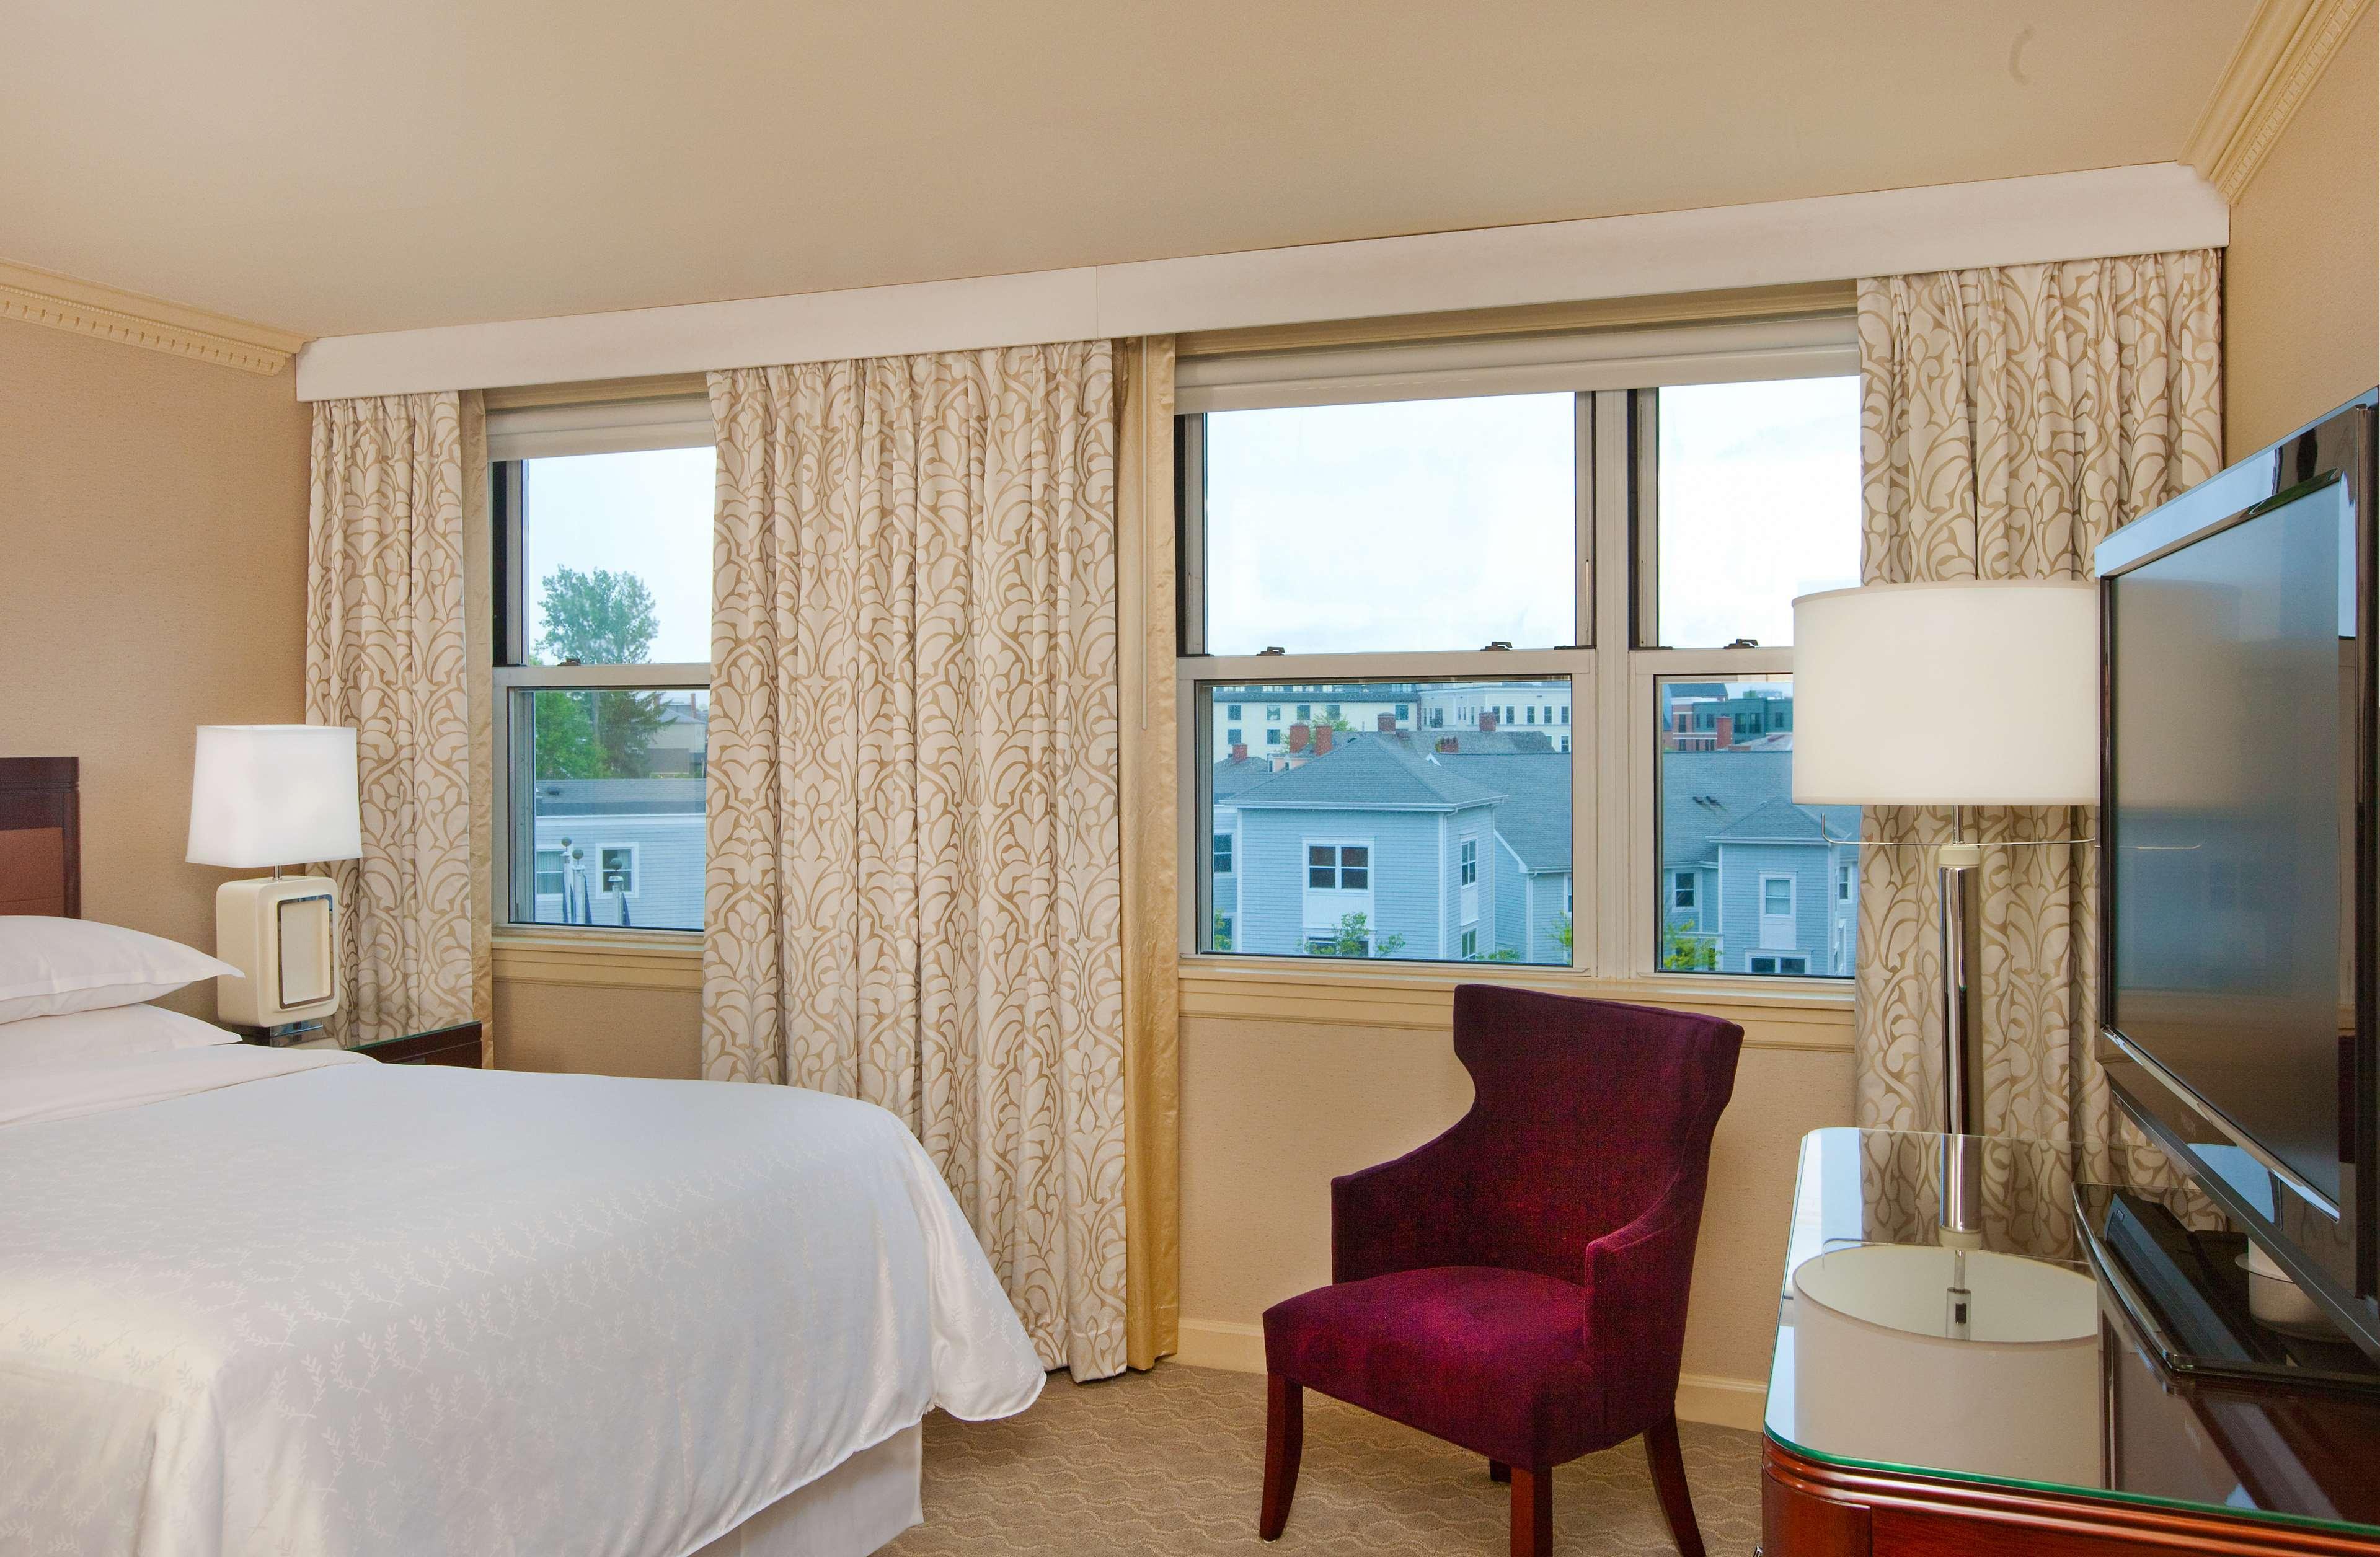 Sheraton Portsmouth Harborside Hotel image 21